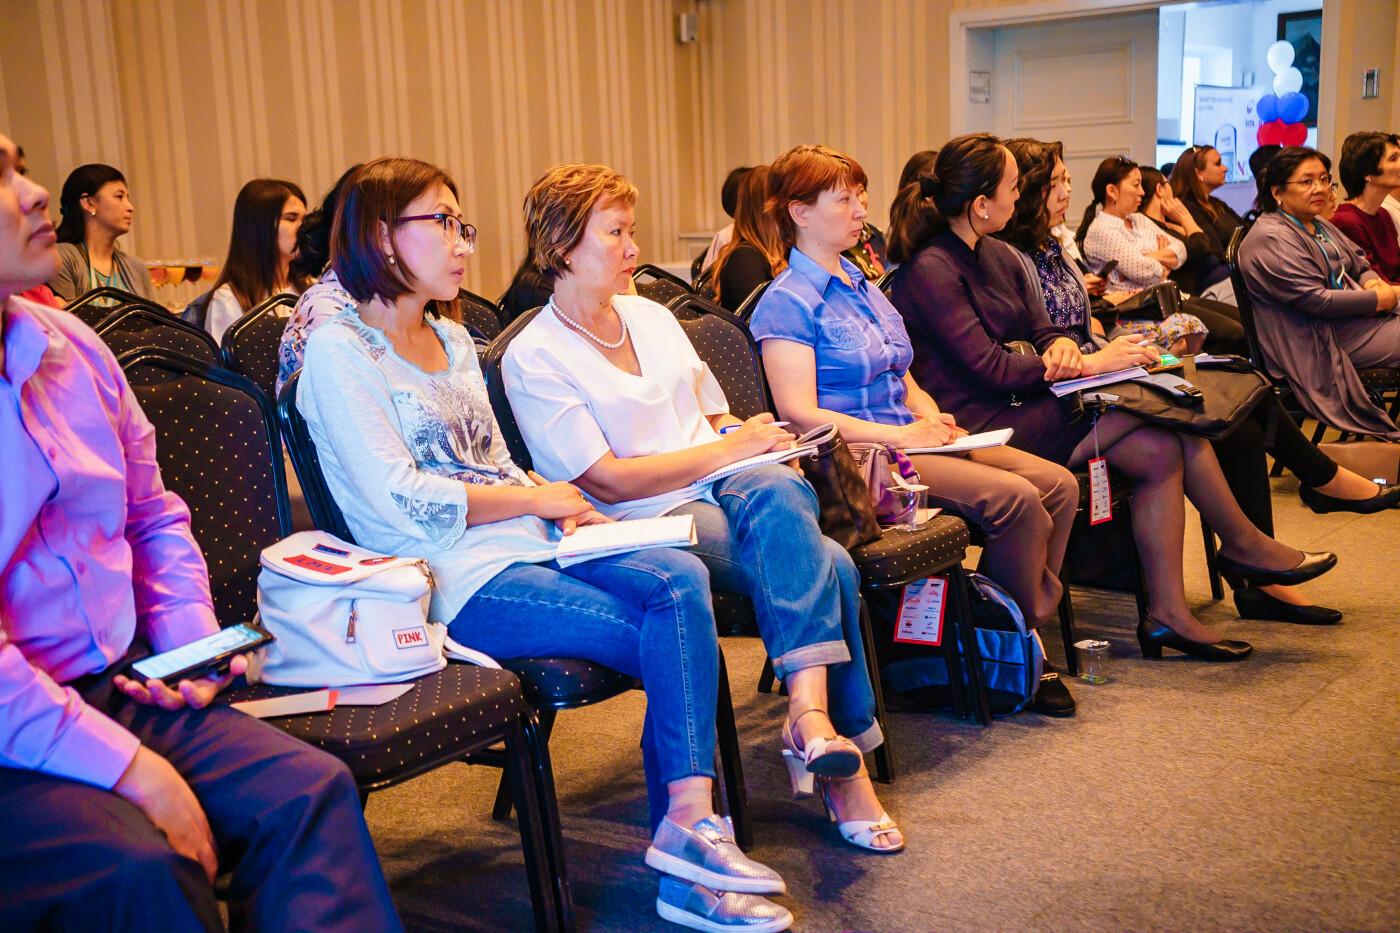 В Алматы решали, кто должен заниматься диабетом: пациент, врач или минздрав, фото-4